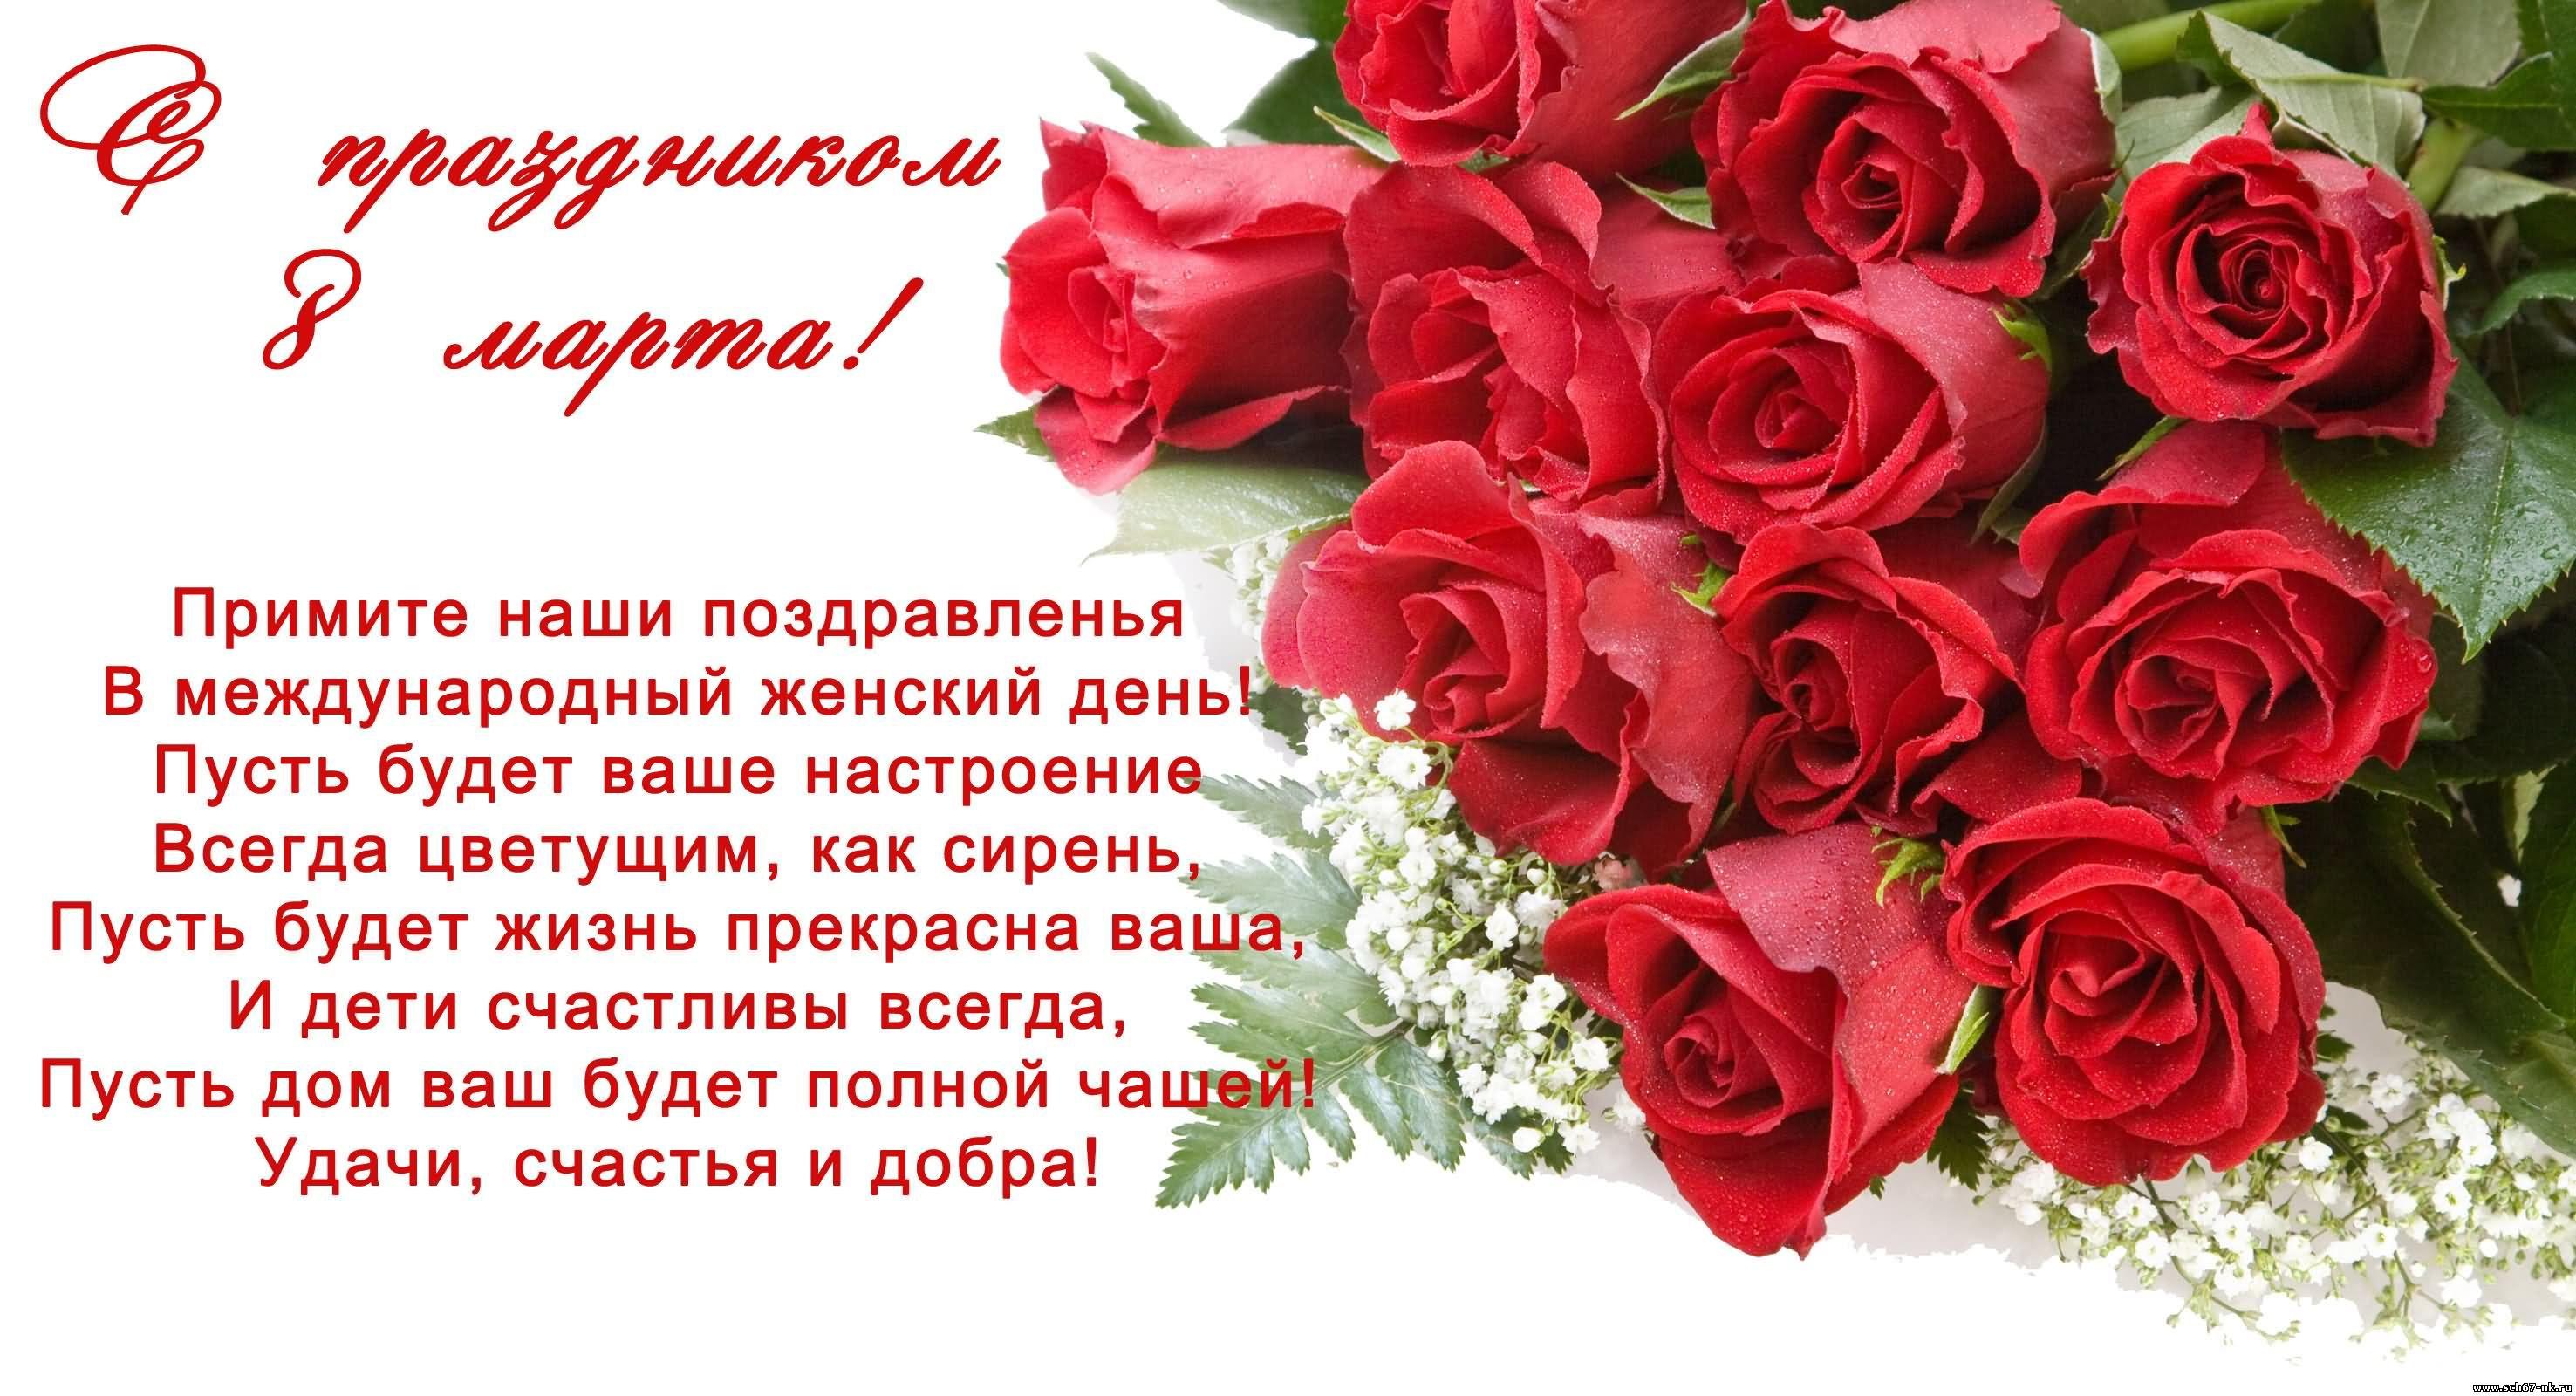 Картинки по запросу картинка 8 марта поздравление